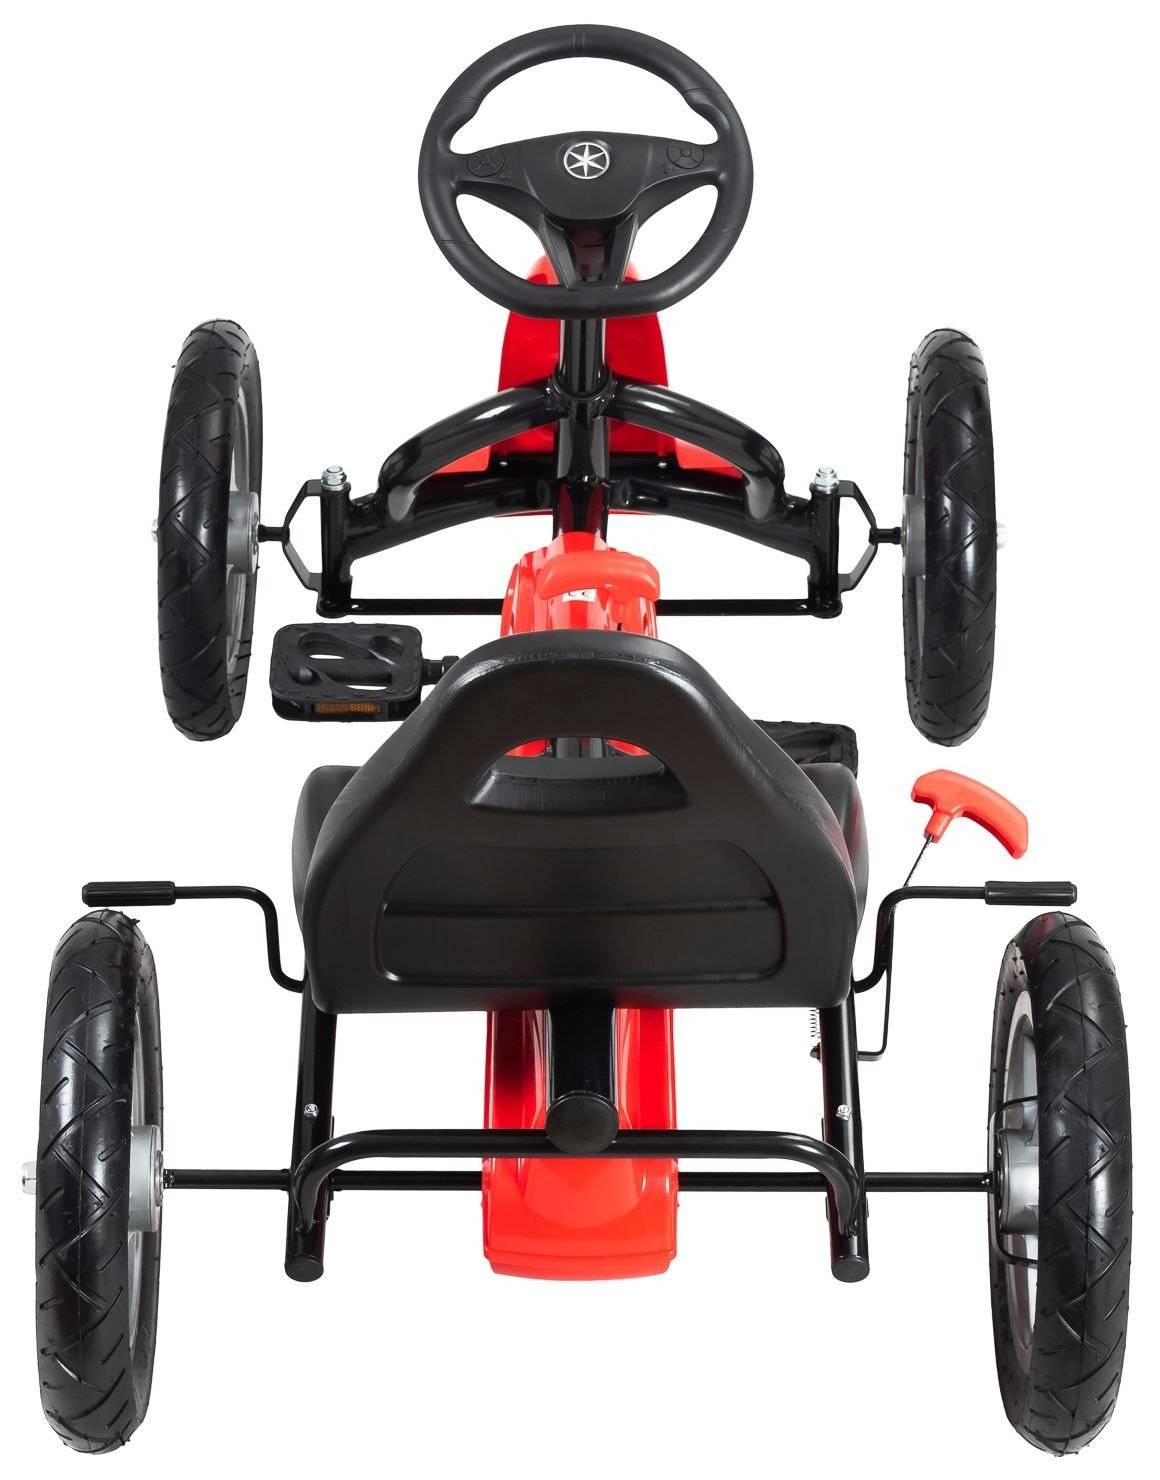 Gokart dla dzieci na pedały EVOQUE - jeździk dla dzieci 5-12 lat - czerwony